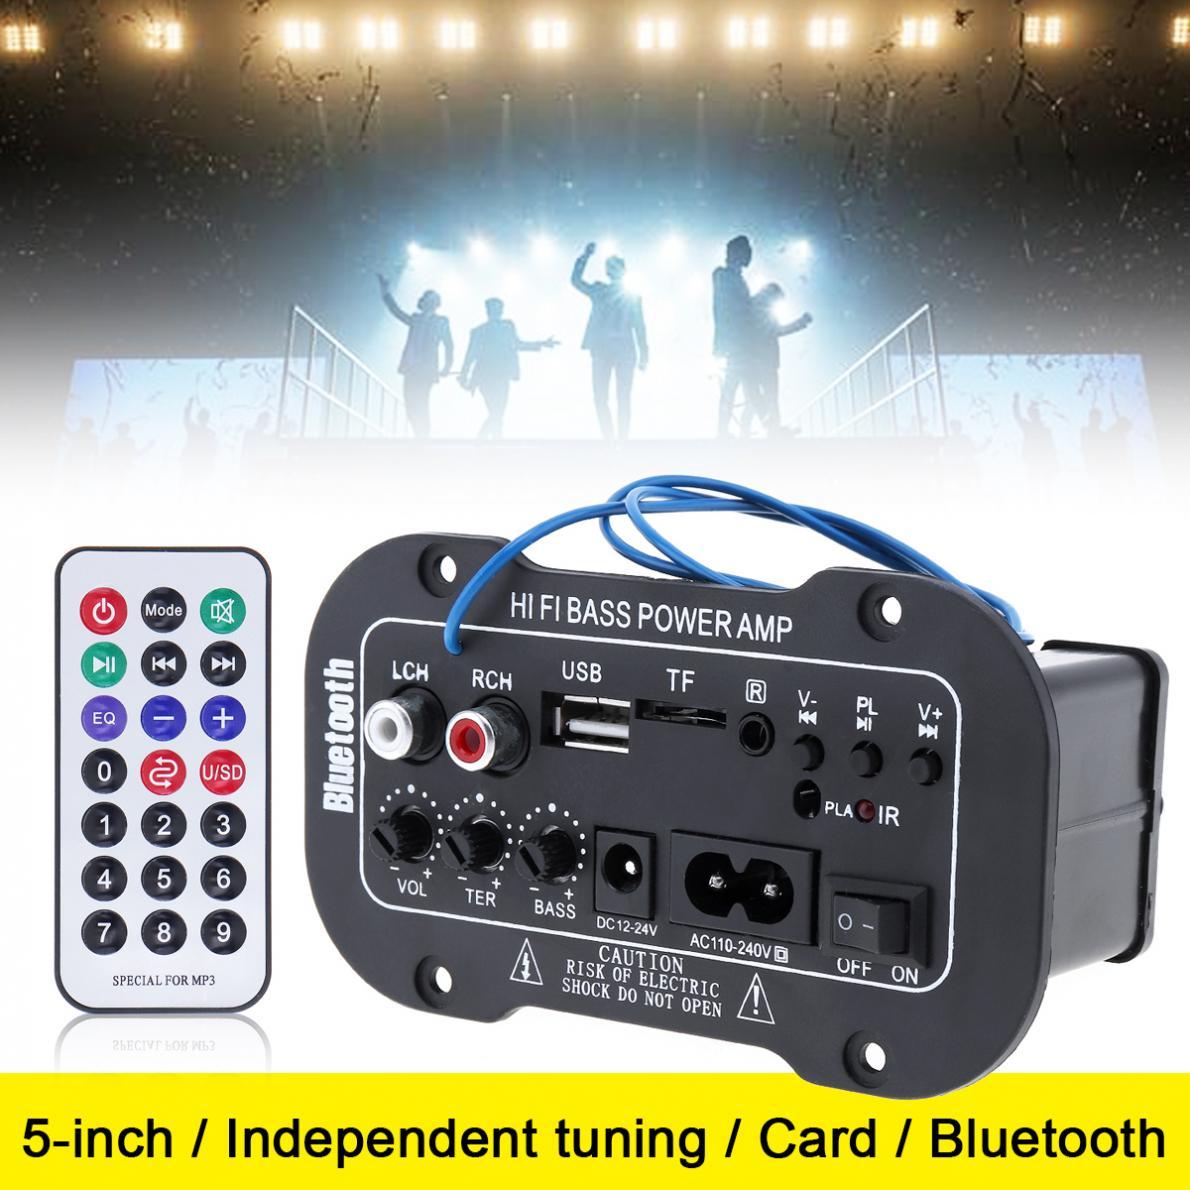 AMPLIFICADOR DE POTENCIA DE Audio HI-FI con Bluetooth para coche, reproductor de Radio FM automático de 5 pulgadas, amplificador de potencia de graves HiFi, entrada compatible con SD, USB, DVD y MP3